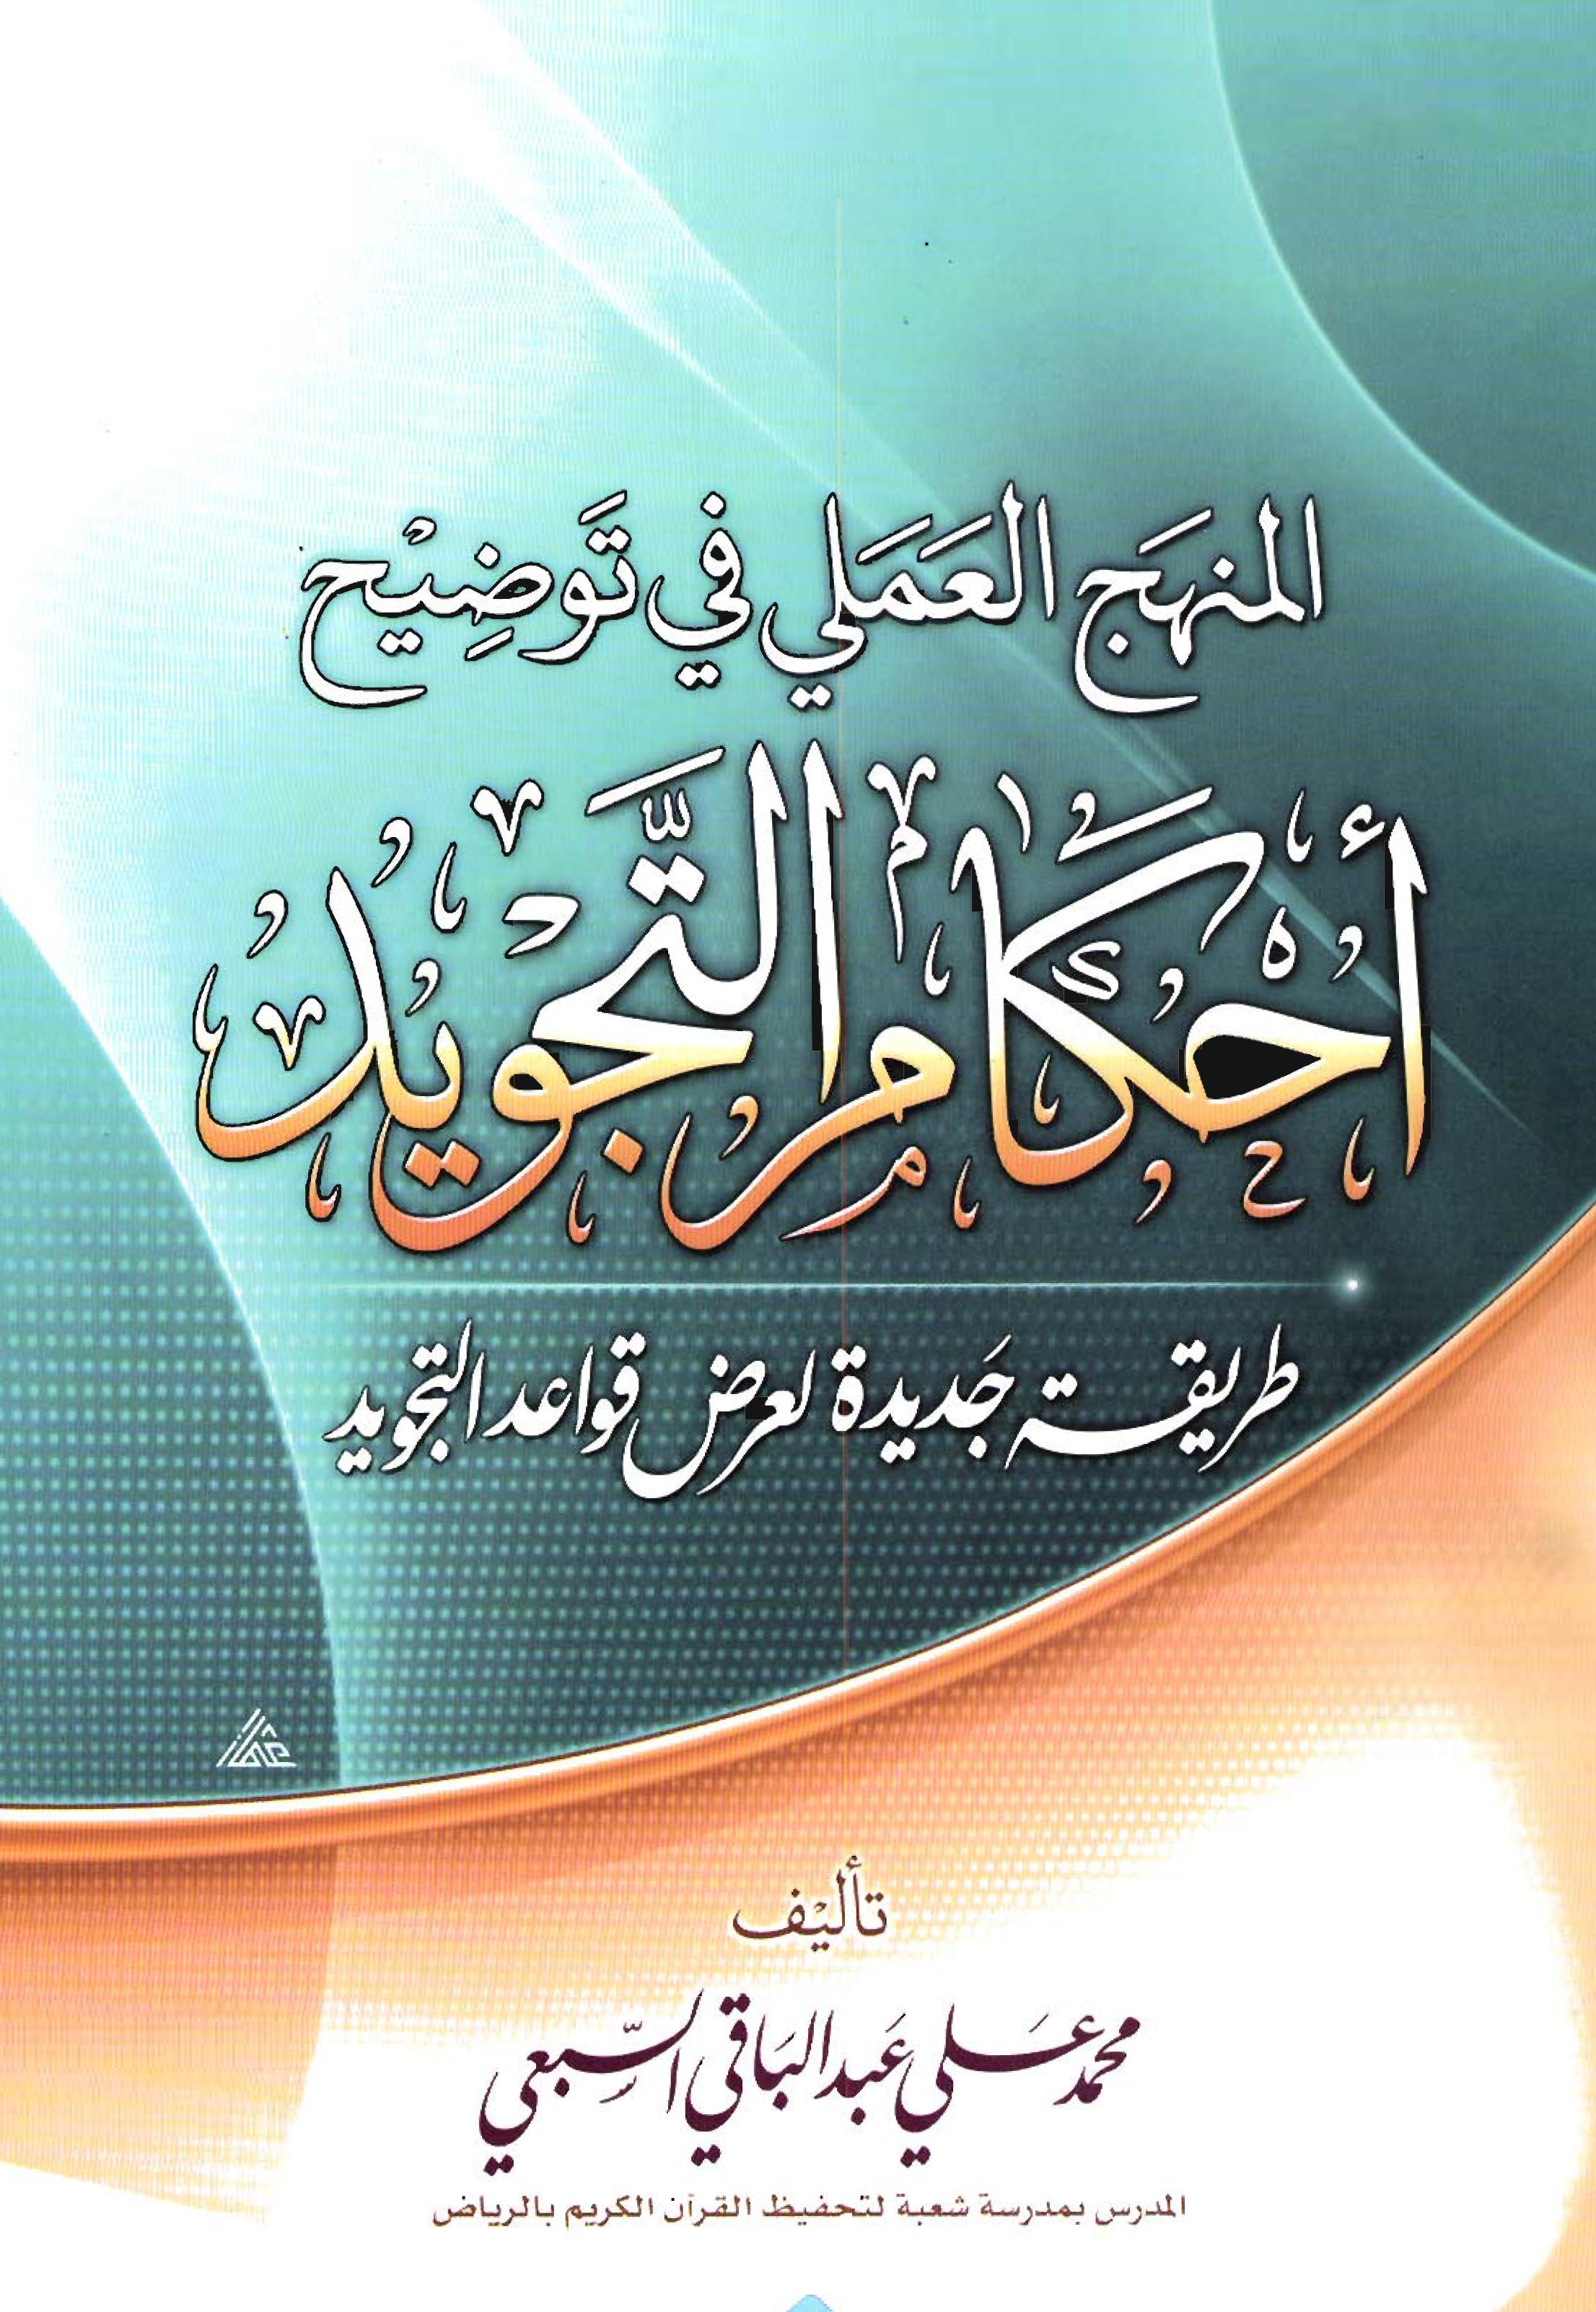 تحميل كتاب المنهج العلمي في توضيح أحكام التجويد للمؤلف: الشيخ محمد علي عبد الباقي السبعي